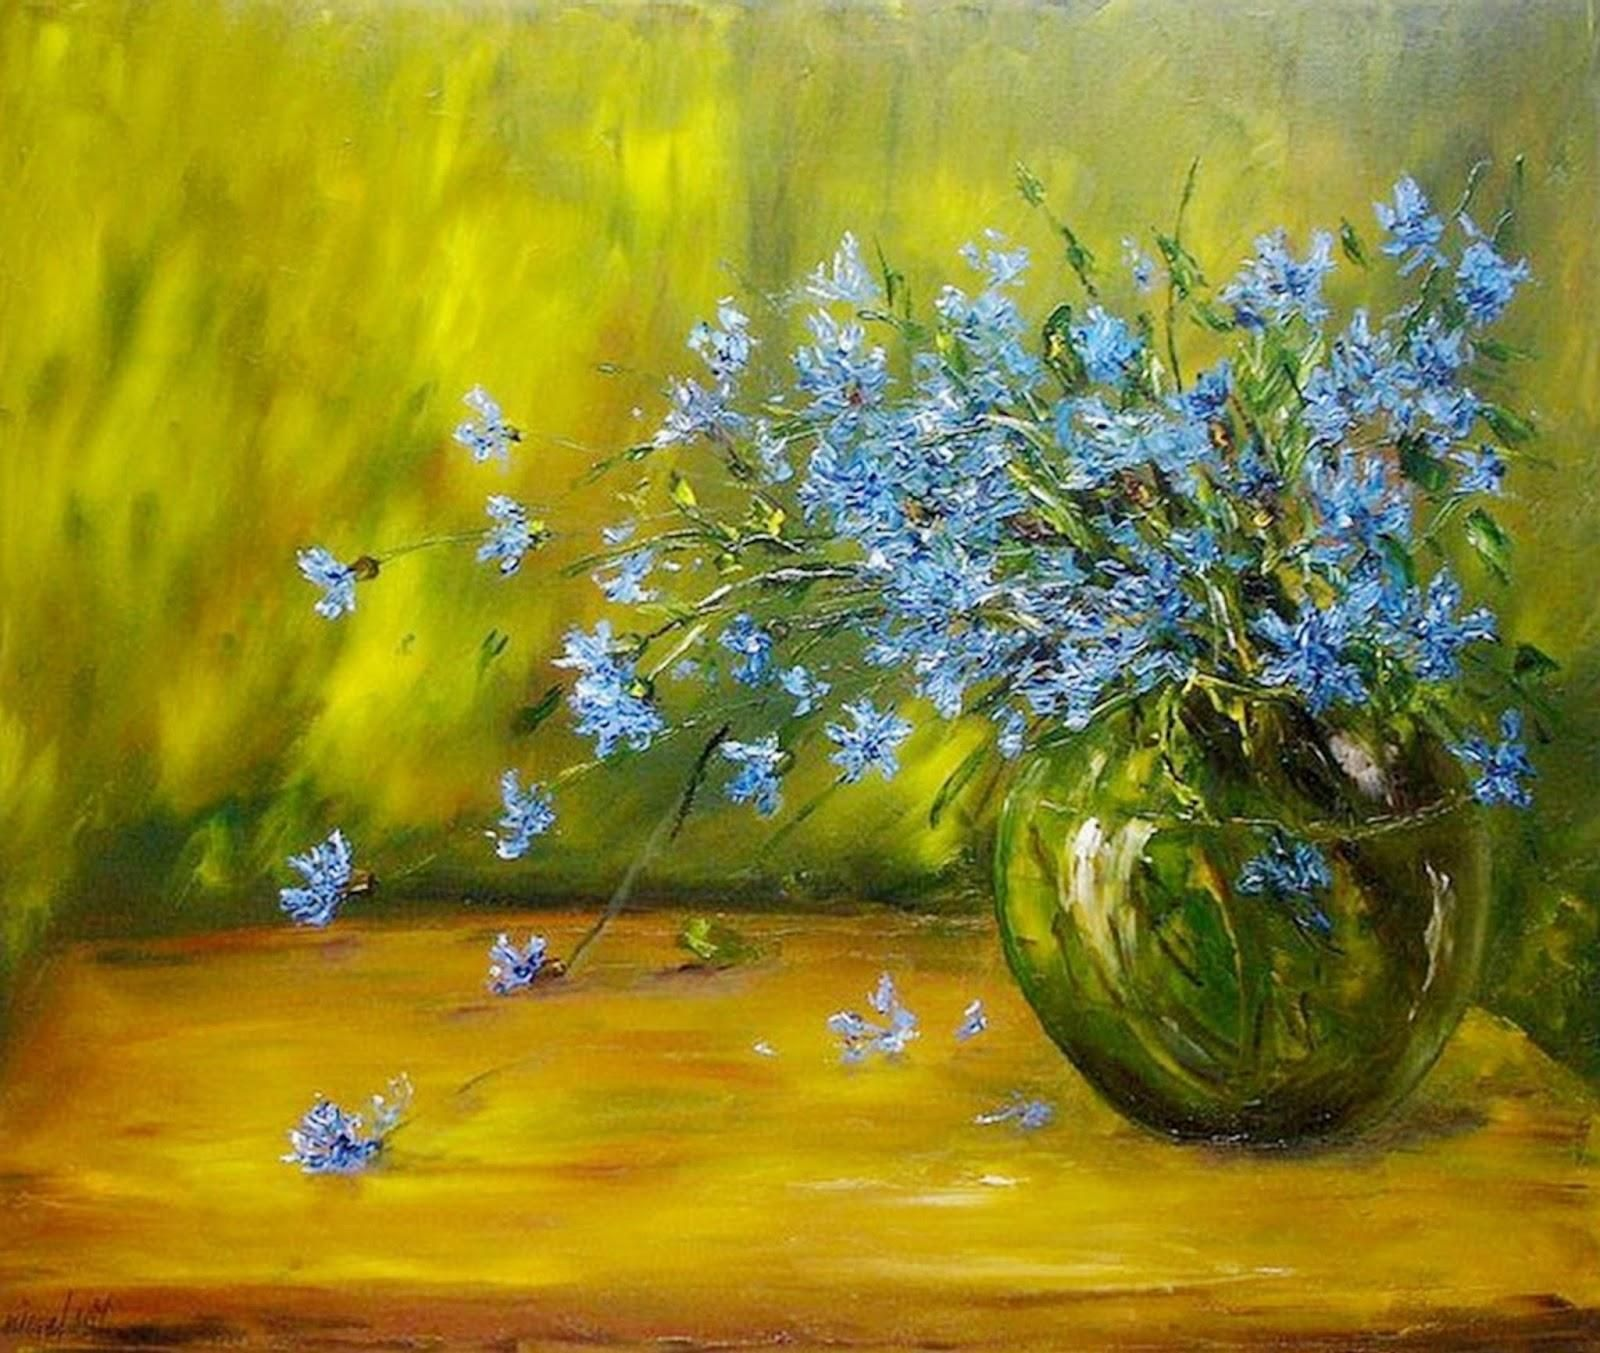 pinturas modernas al oleo google art On pinturas al oleo modernas